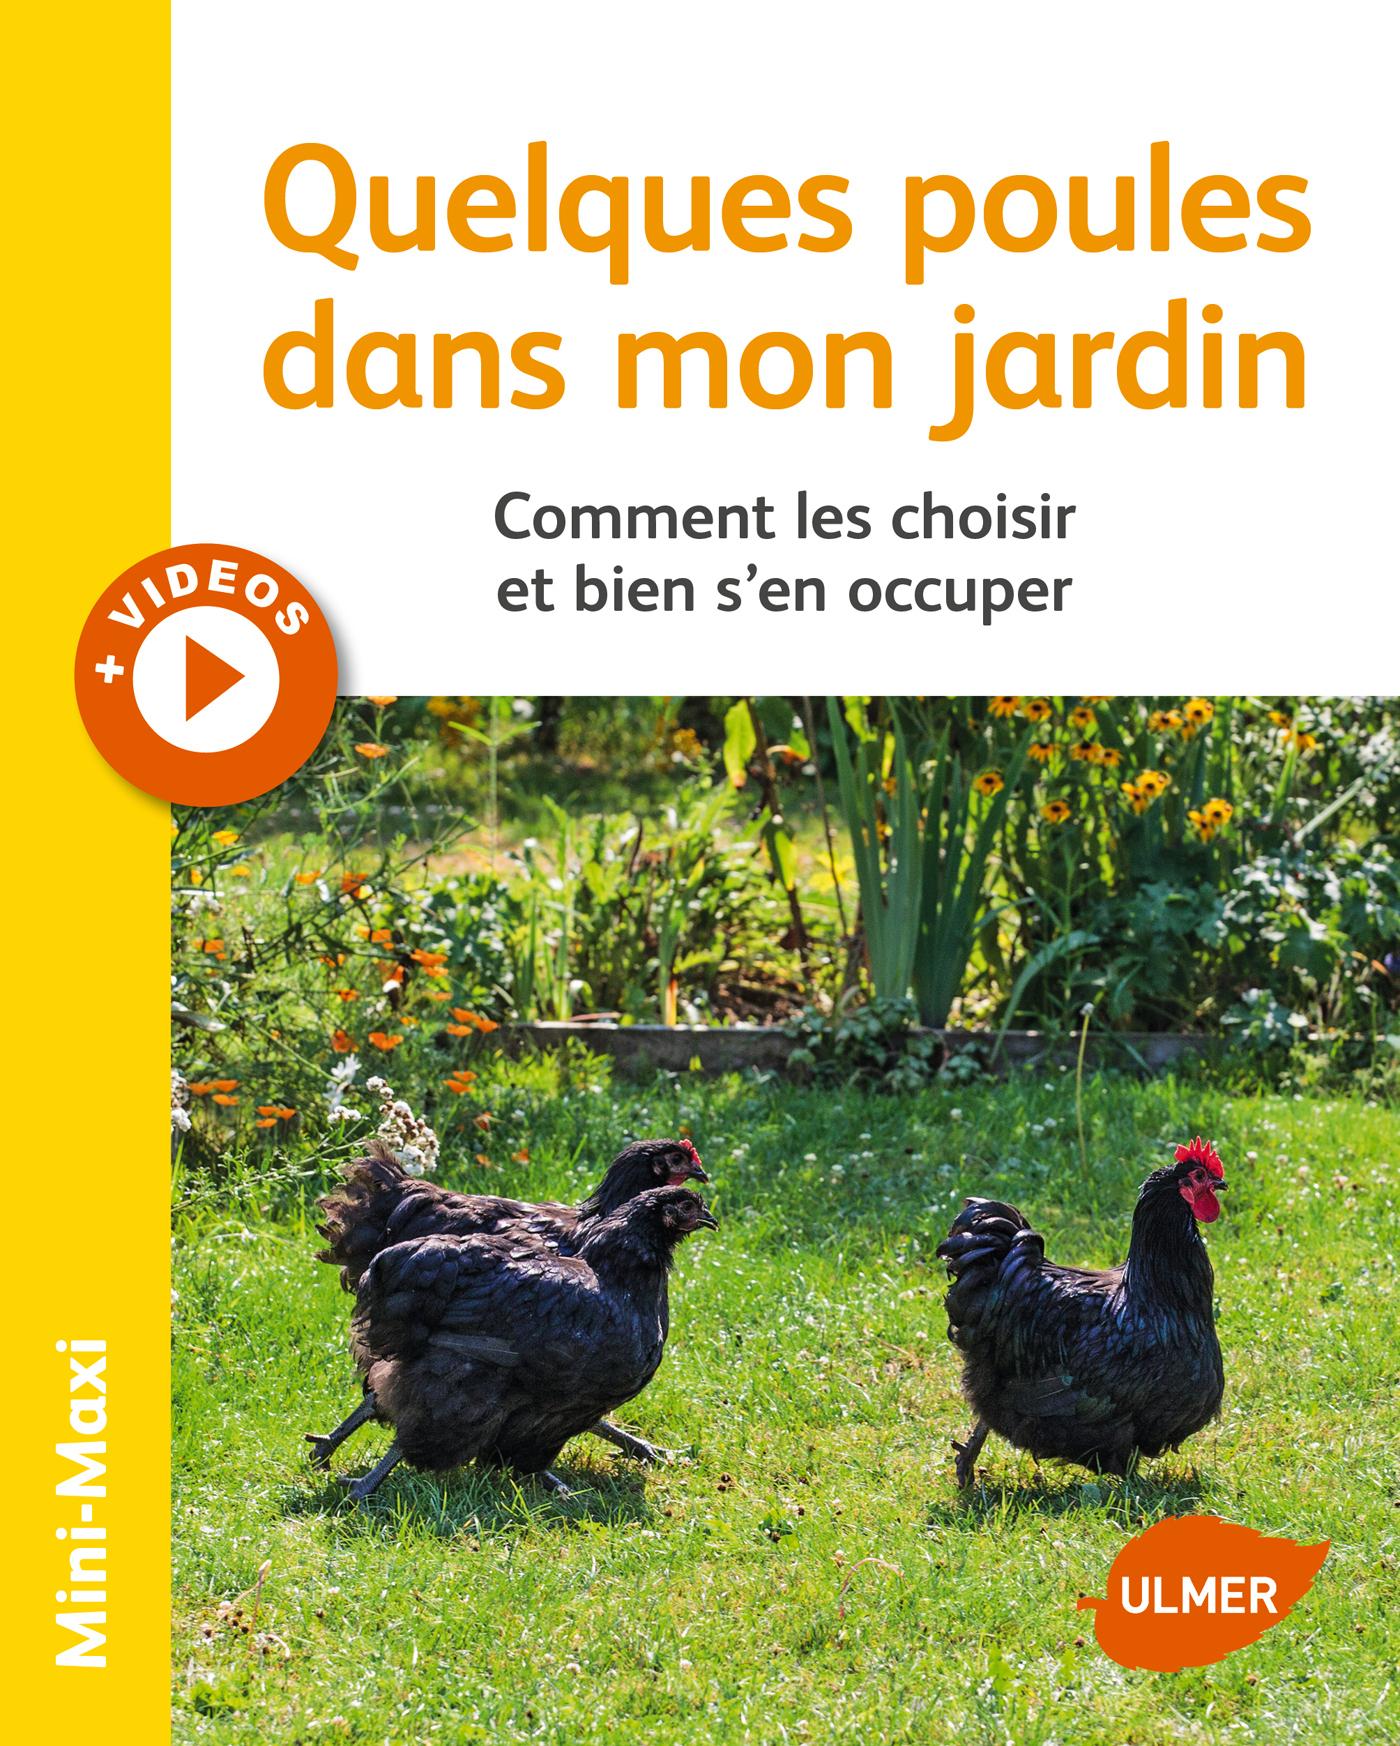 Quelques poules dans mon jardin, Comment les choisir et bien s'en occuper